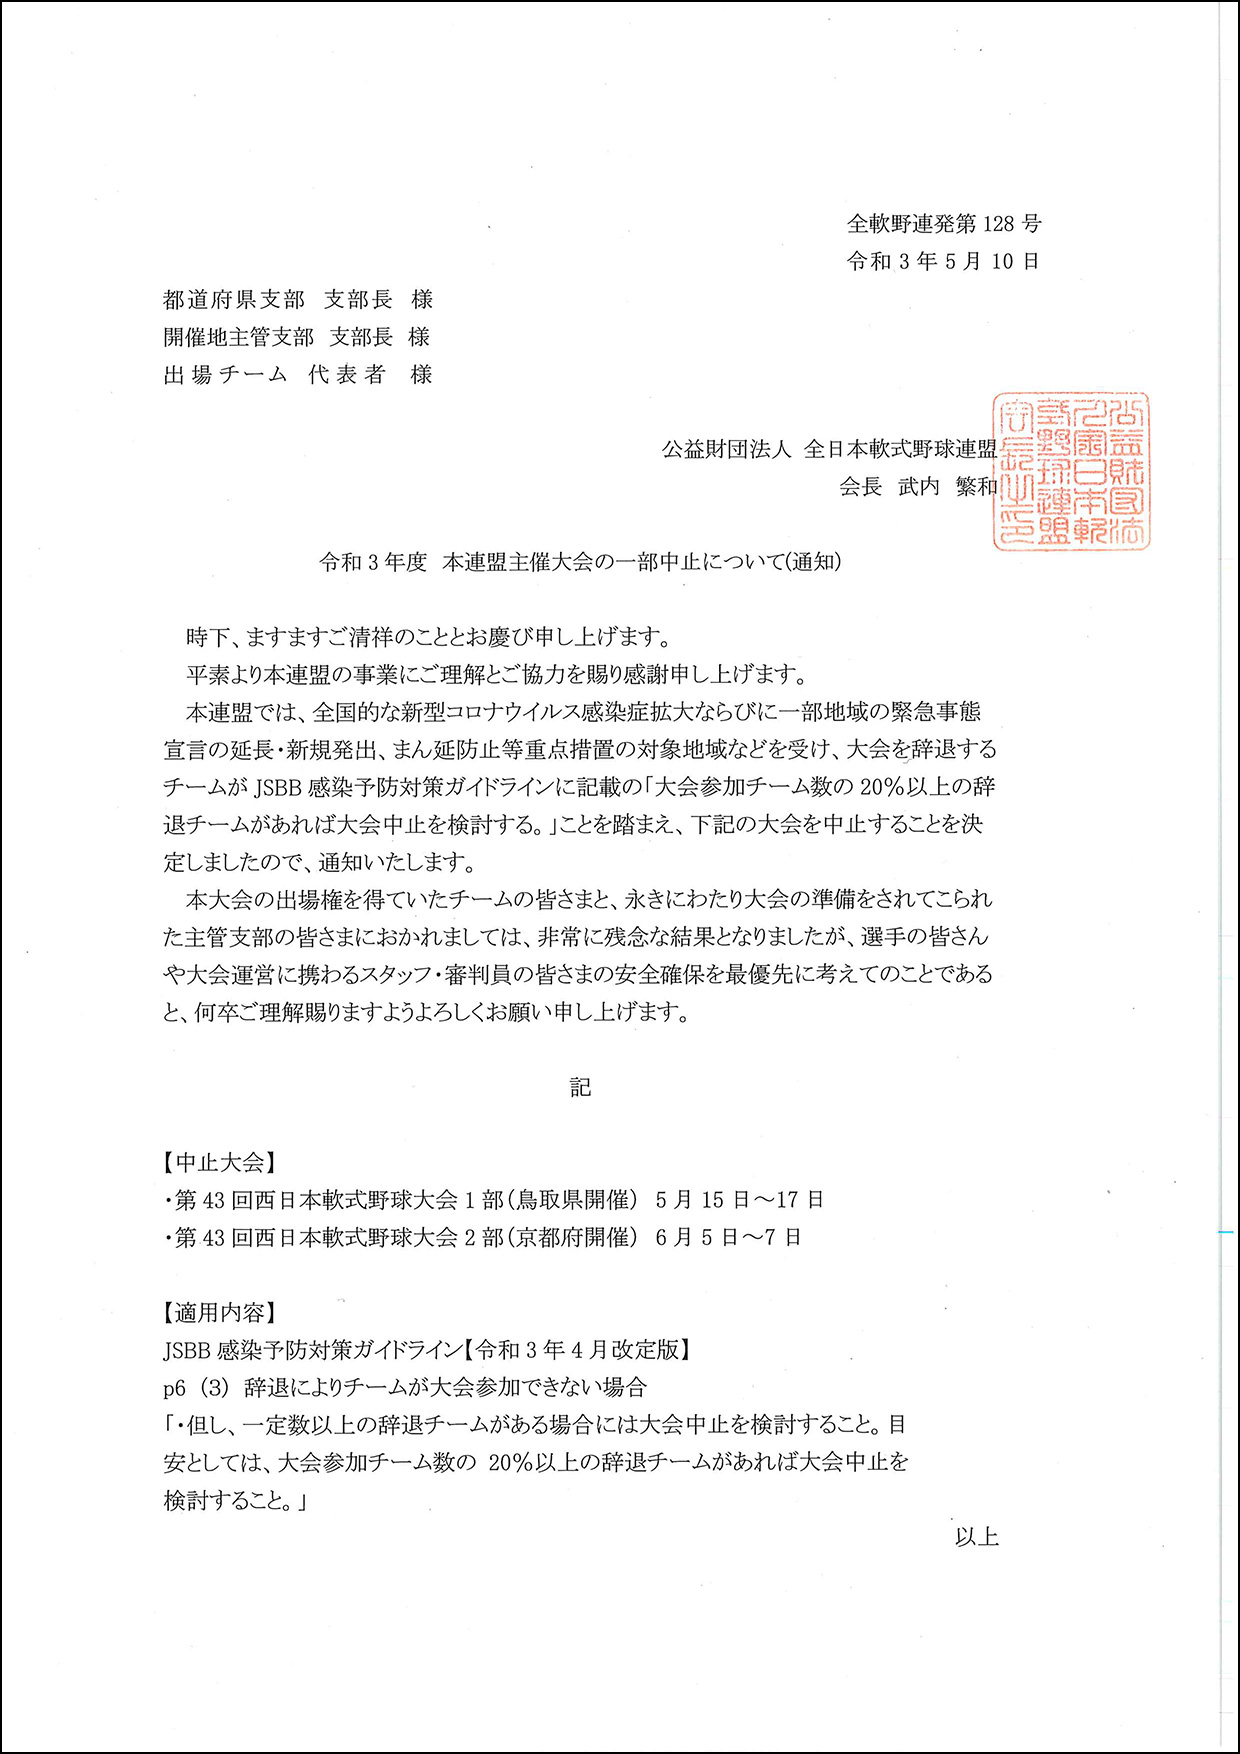 【通知】令和3年度 本連盟主催大会の一部中止について